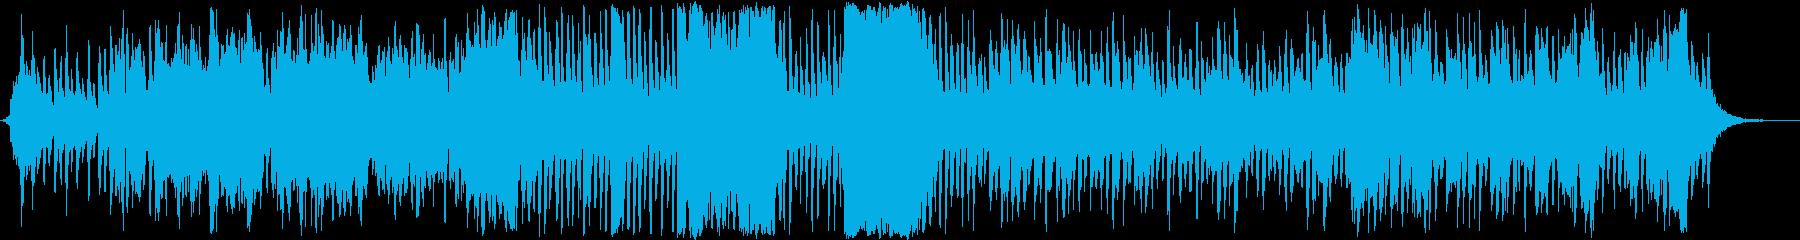 登校シーンBGM/CM/RPG/森の中の再生済みの波形